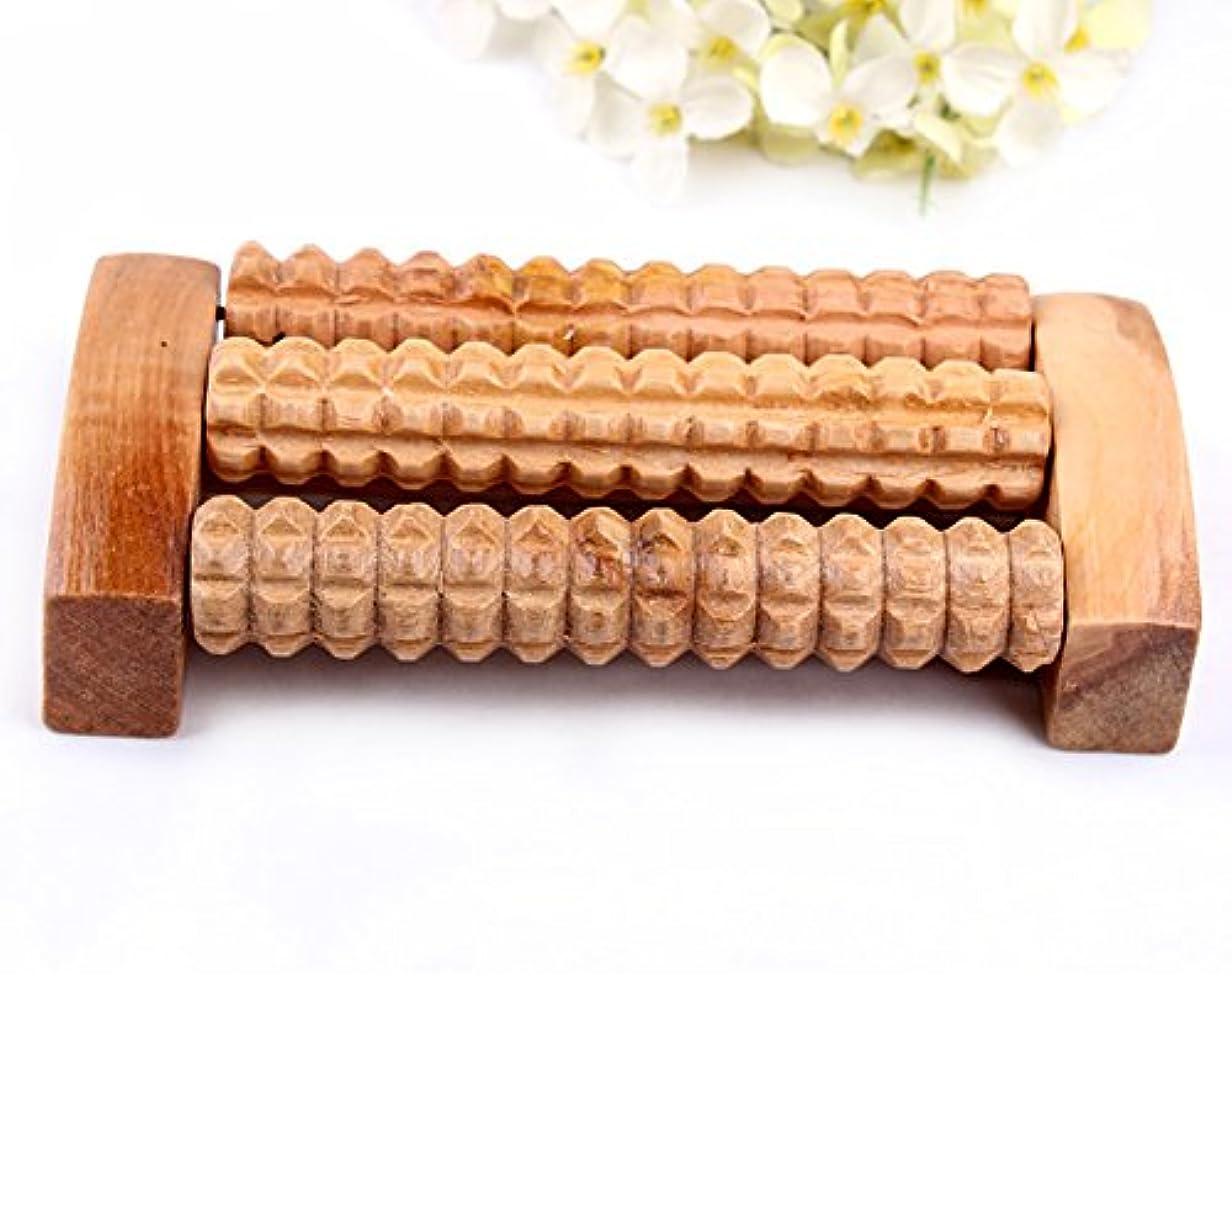 発明思春期劇的リフレクソロジー、自然木製 足踏み ストレス解消 リラックス 足裏健康器具、足の痛み お風呂 血行促進 (3列)